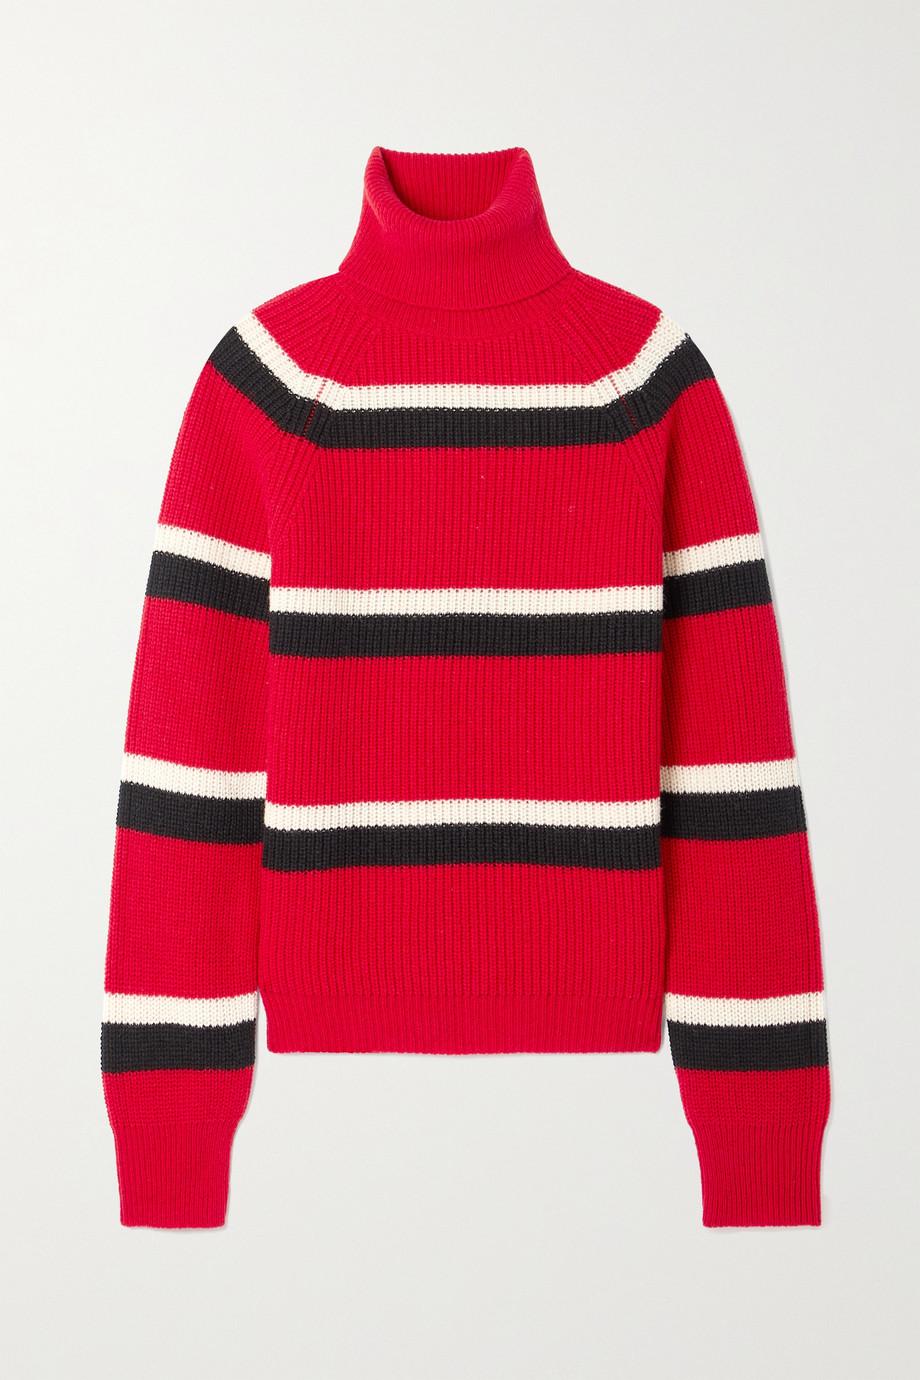 Marni Gestreifter Pullover aus gerippter Wolle mit Rollkragen